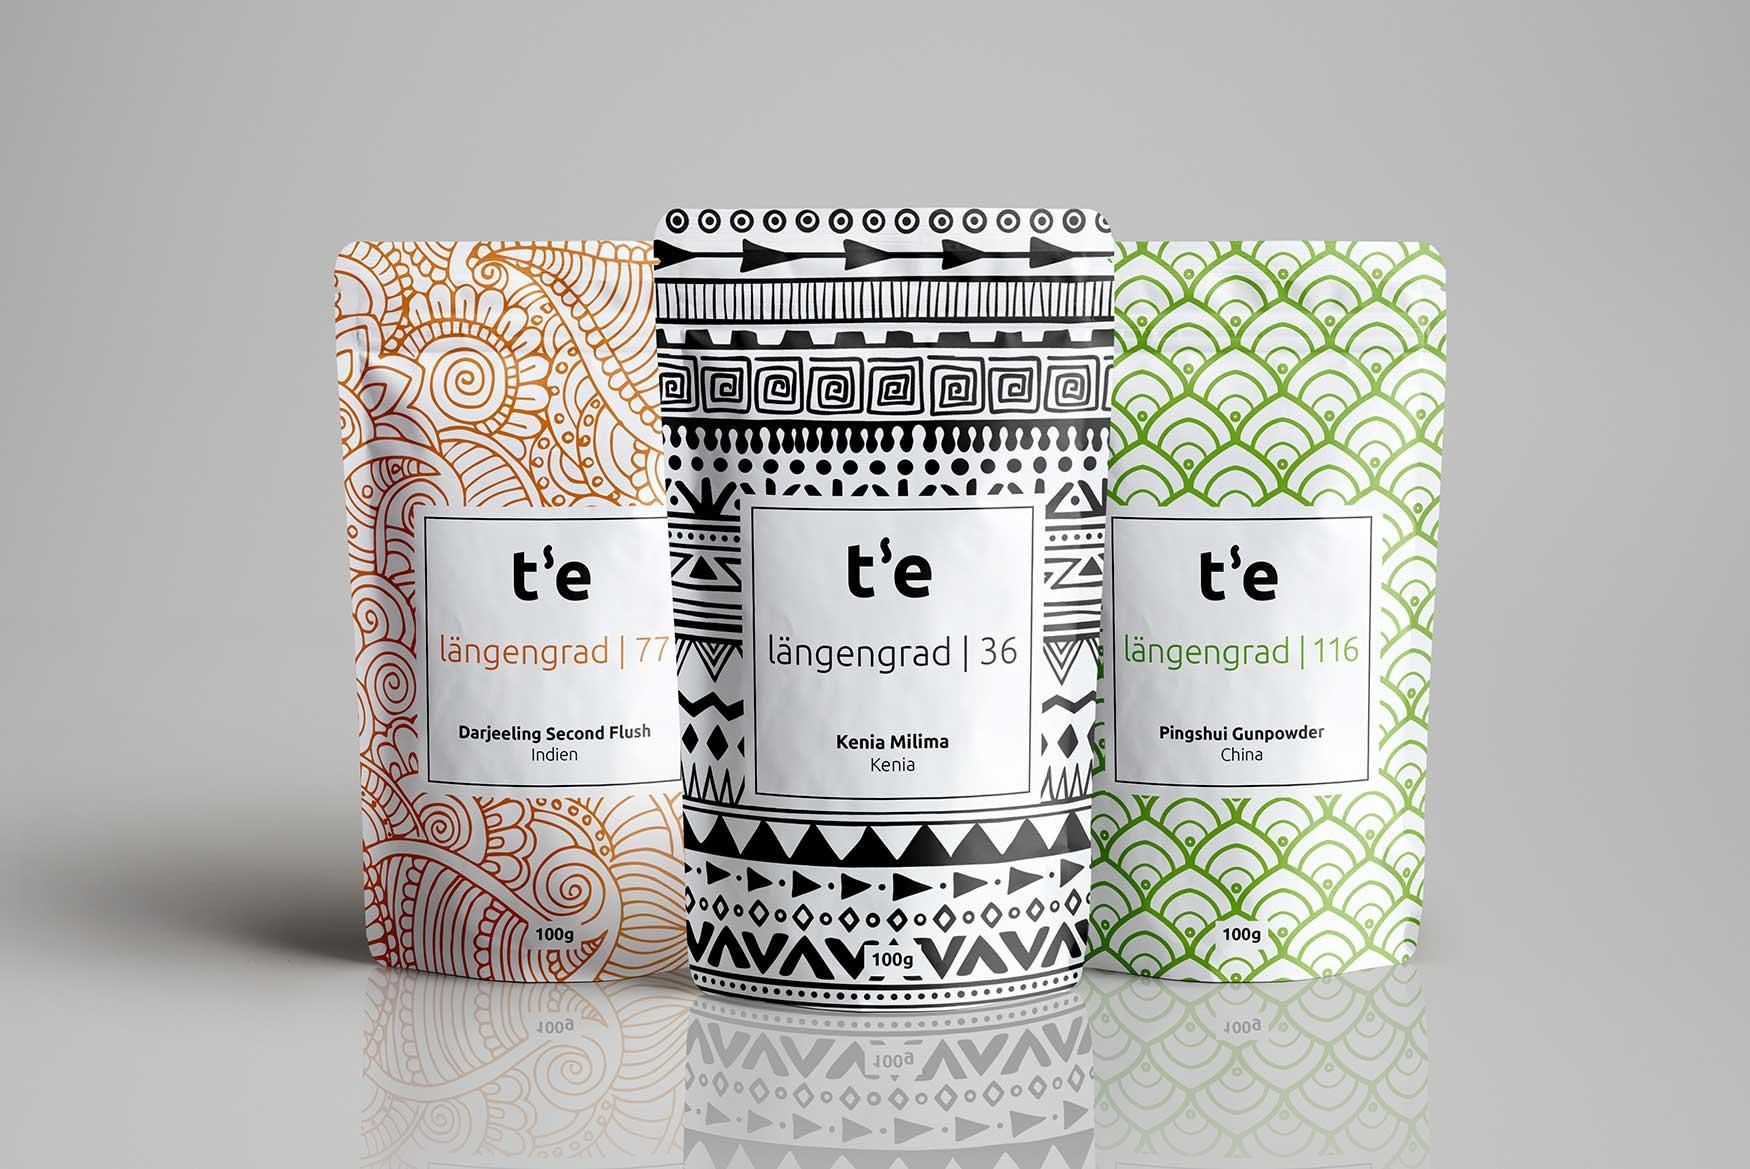 Verpackungdesign-Tee-1-Designagentur-Stuttgart-Kreativbetrieb